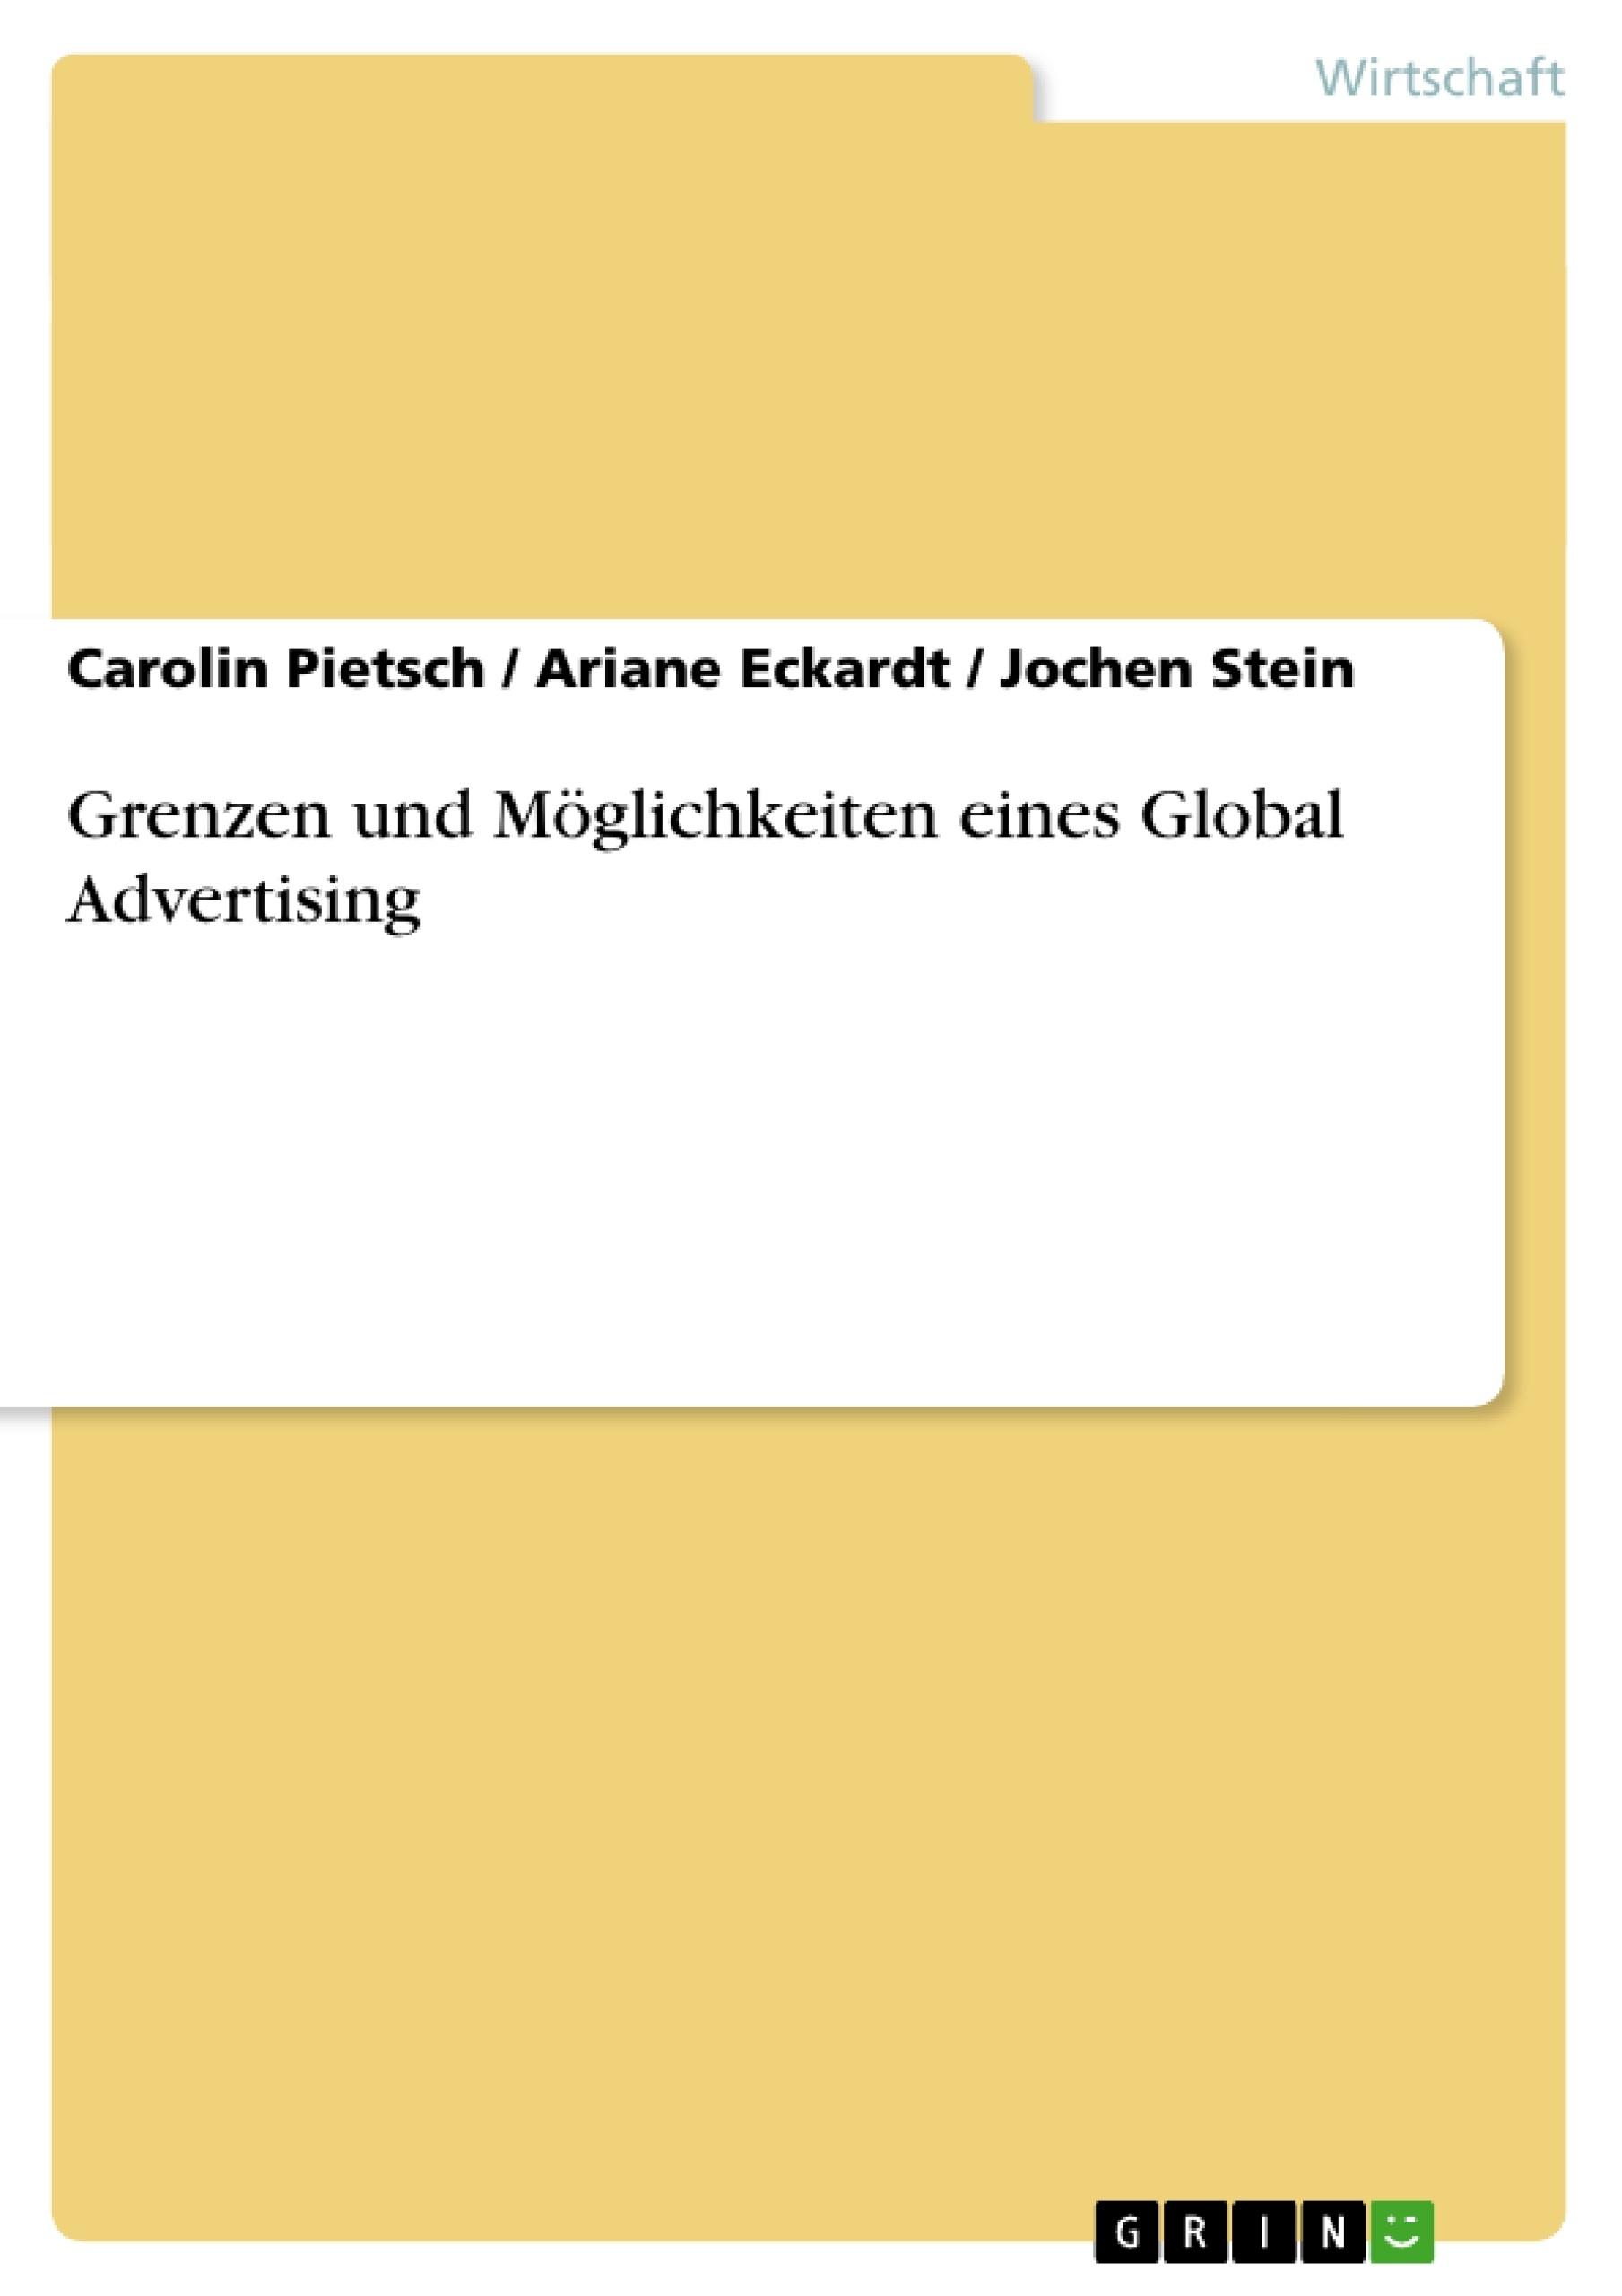 Titel: Grenzen und Möglichkeiten eines Global Advertising